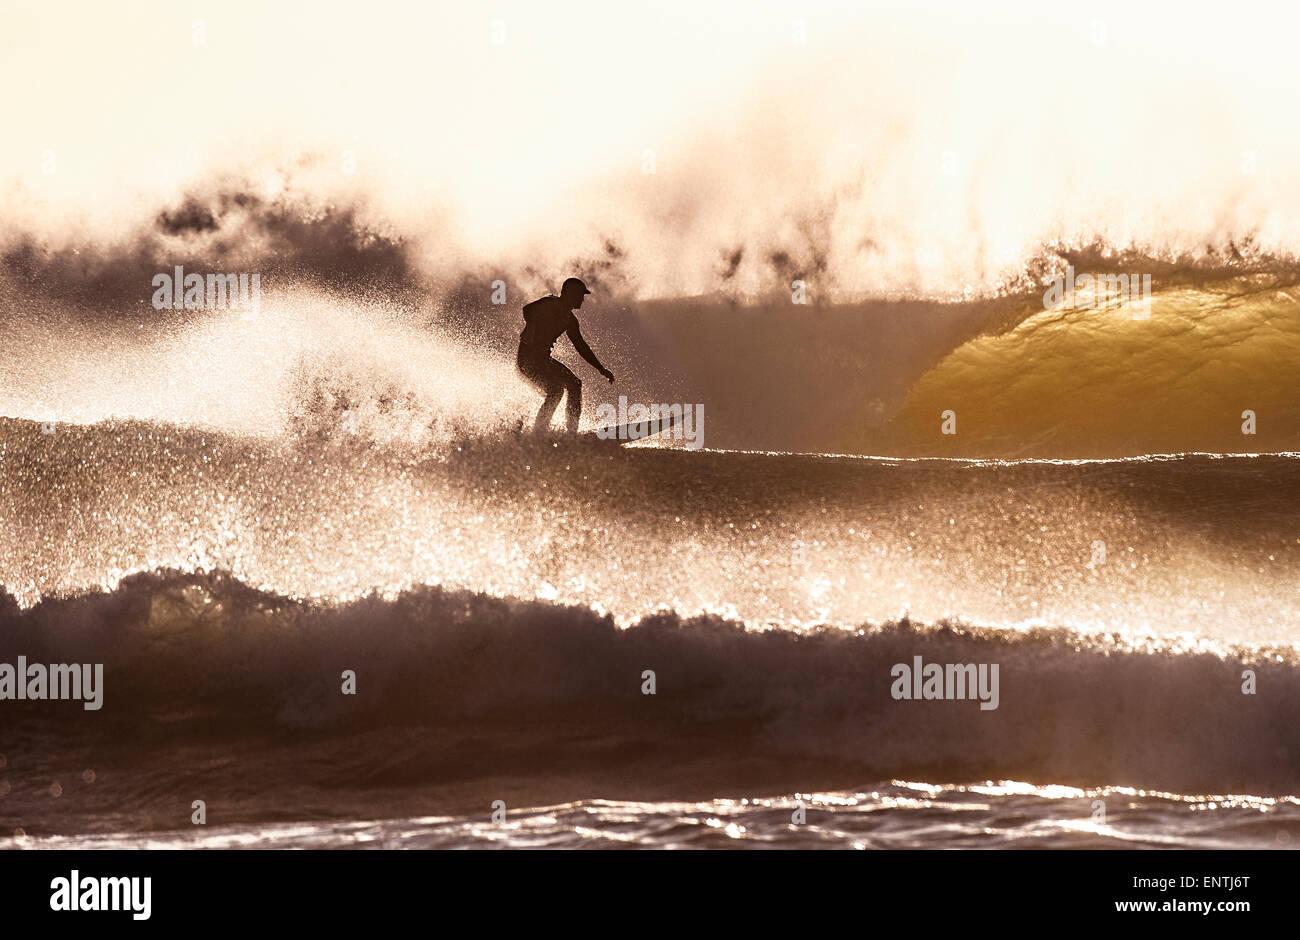 Surfer in schweren Brandung in der Abenddämmerung Stockbild